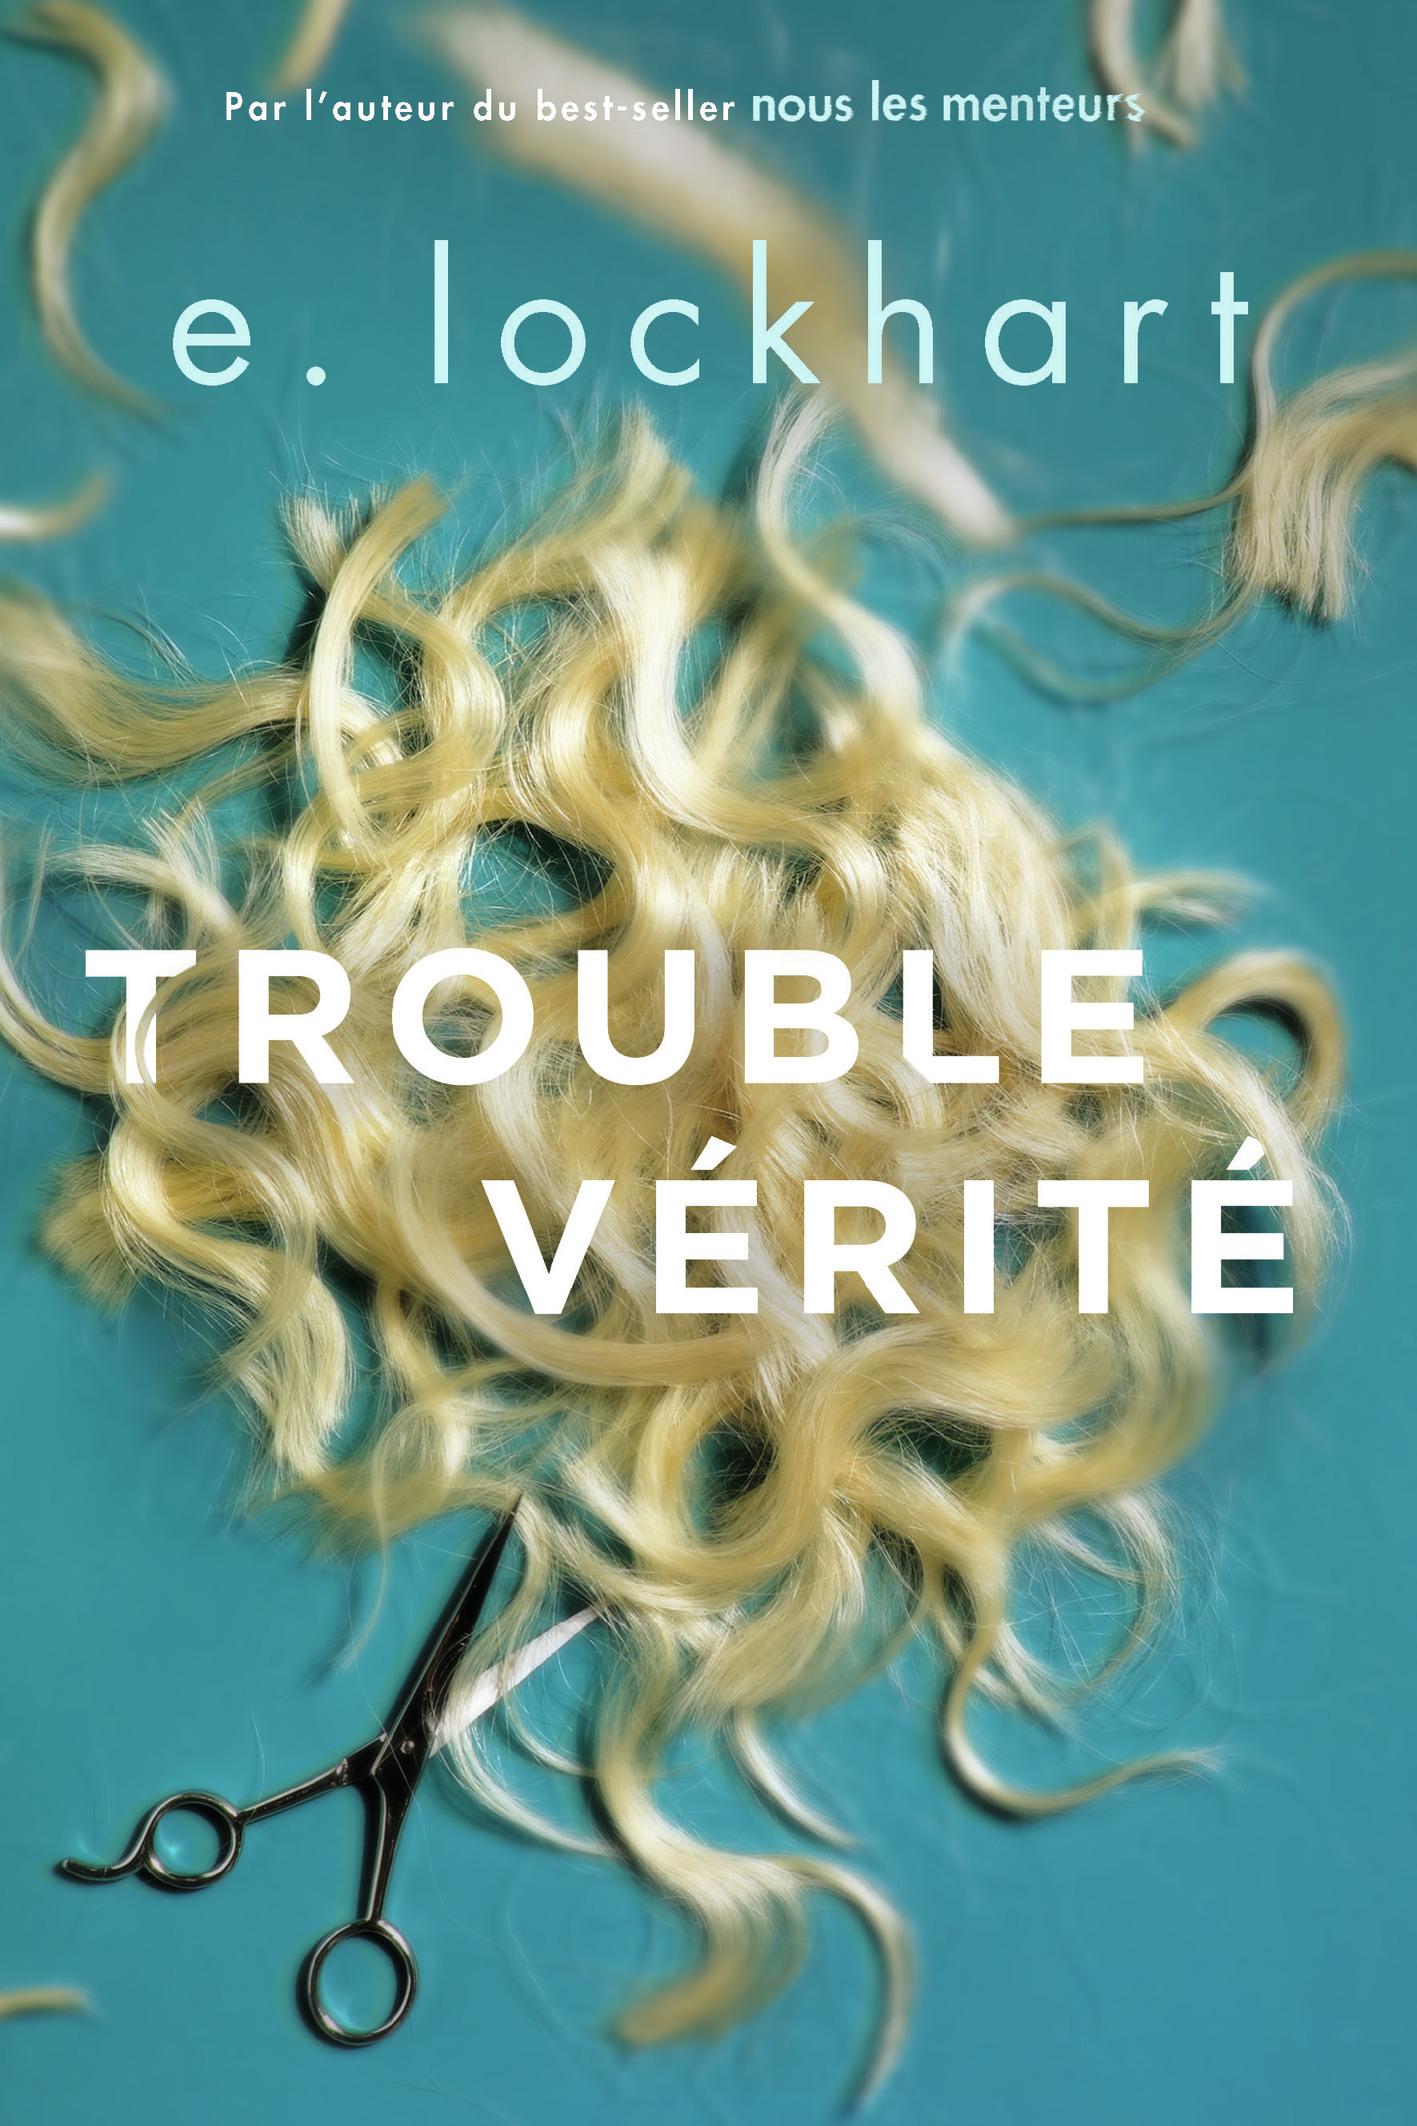 Trouble vérité | Lockhart, E.